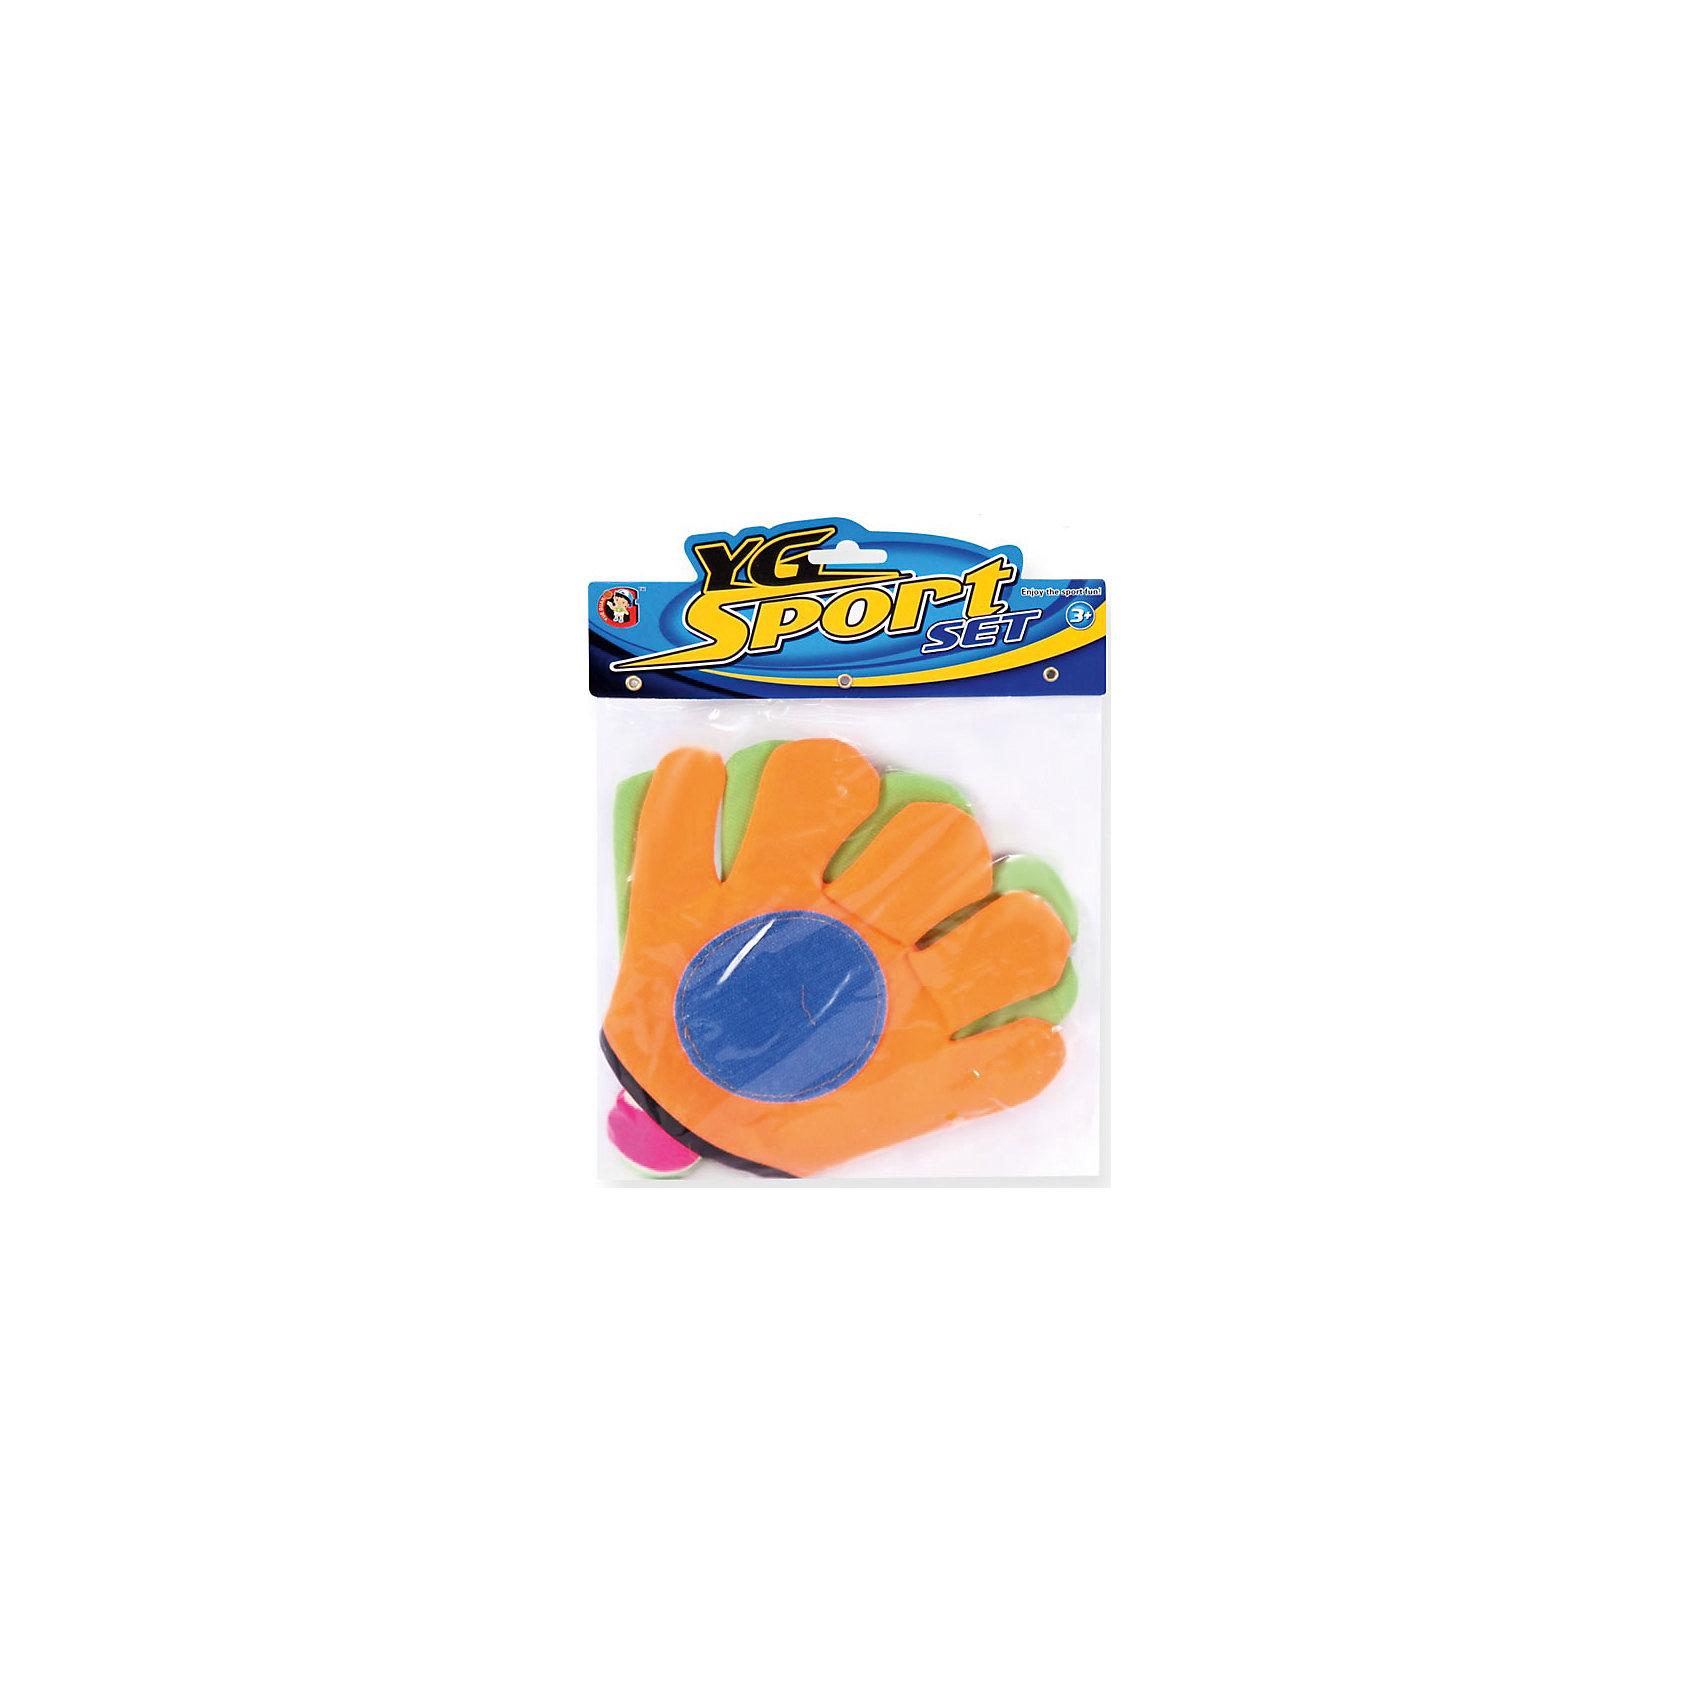 Игра на открытом воздухе Мячеловка, с перчатками-липучками 24 см, YG SportИгровые наборы<br>Игра Мячеловка, YG Sport - прекрасный способ весело и активно провести время на природе. В комплект входят мяч и специальная перчатка -липучка, обеспечивающая более удобное захватывание мяча. На поверхности перчатки имаются специальные крючочки-липучки, которые крепко цепляются за мяч и не дают ему упасть. Игрушка развивает координацию и моторику движений, меткость, ловкость и внимательность<br> <br>Дополнительная информация:<br><br>- В комплекте: мяч, перчатка-липучка - 2 шт.<br>- Материал: резина\латекс. <br>- Размер перчатки: 24 см.<br>- Размер упаковки: 21,7 х 4,5 х 29 см.<br>- Вес: 71 гр.<br> <br>Игру на открытом воздухе Мячеловка, с перчатками-липучками, YG Sport, можно купить в нашем интернет-магазине.<br><br>Ширина мм: 217<br>Глубина мм: 45<br>Высота мм: 290<br>Вес г: 71<br>Возраст от месяцев: 36<br>Возраст до месяцев: 72<br>Пол: Унисекс<br>Возраст: Детский<br>SKU: 4622235